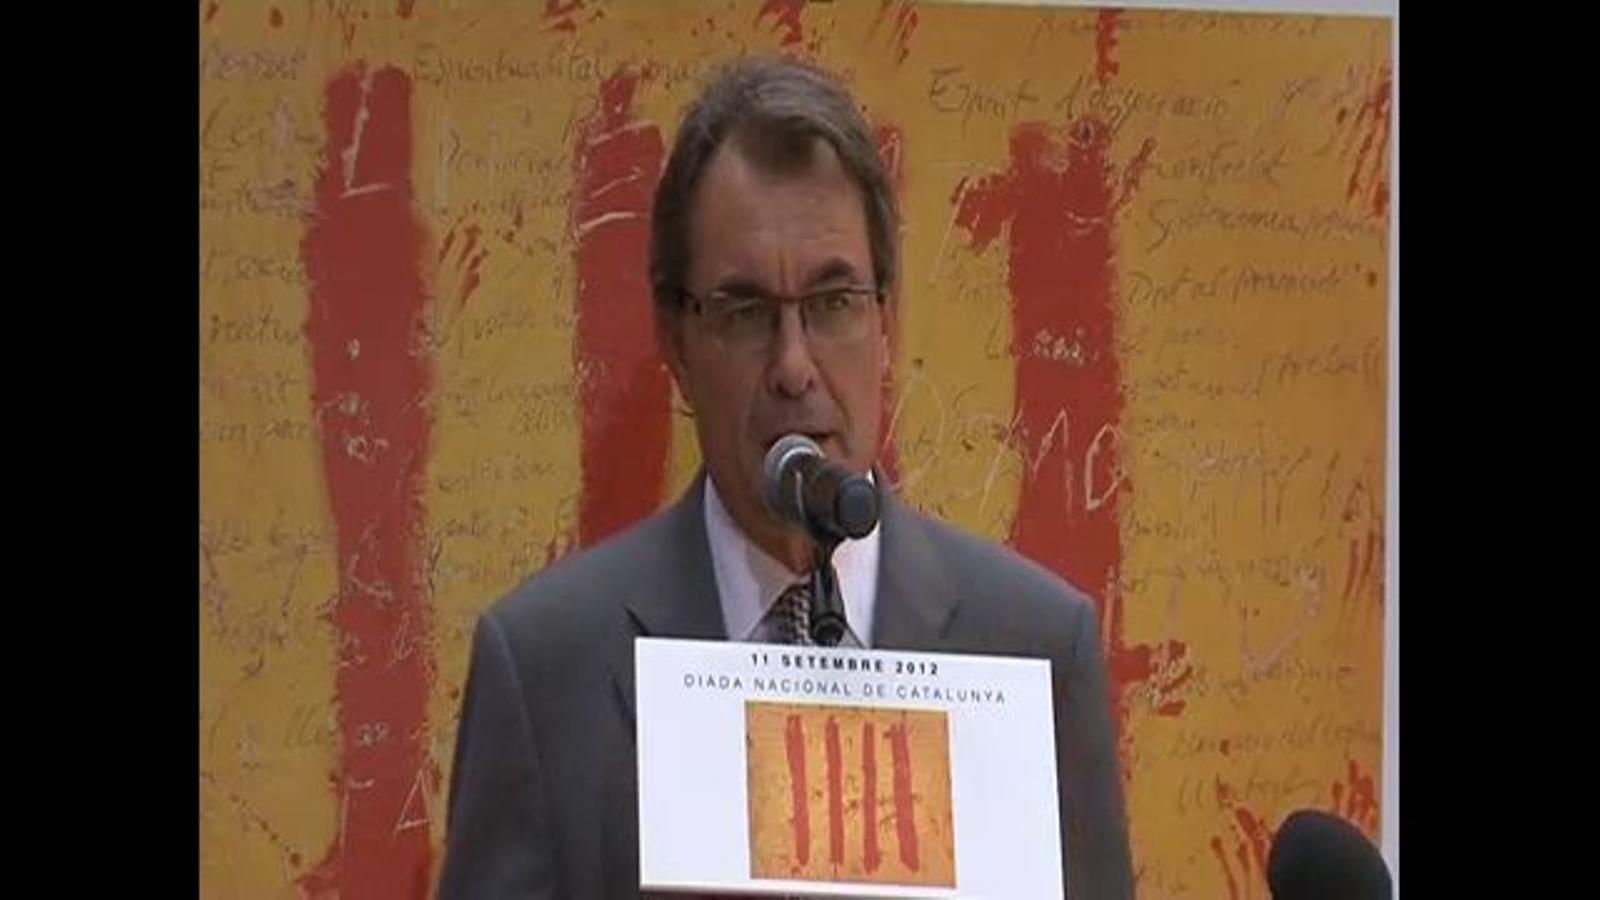 Mas, en anglès: Si no hi ha acord amb Madrid pel pacte fiscal, el camí de la llibertat de Catalunya està obert